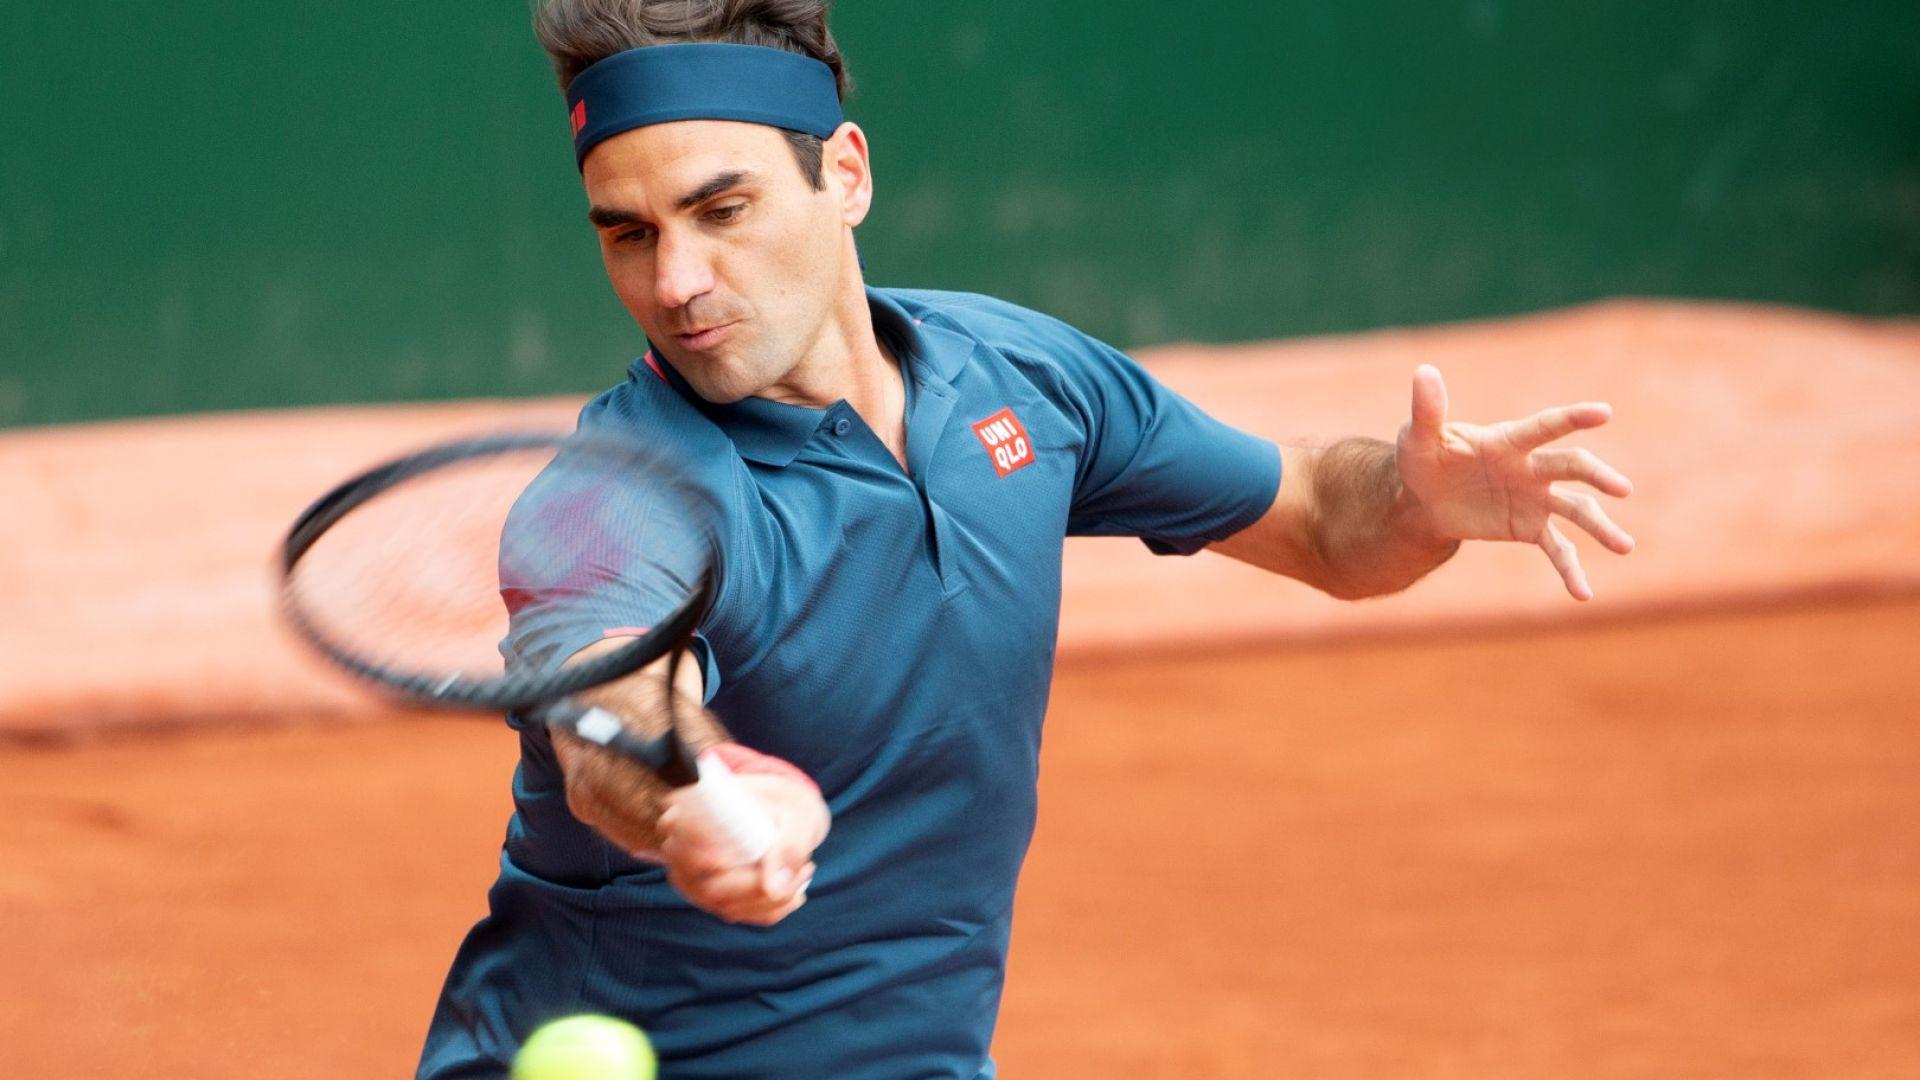 Федерер след загубата: Очаквах повече от себе си, не заслужавах да победя